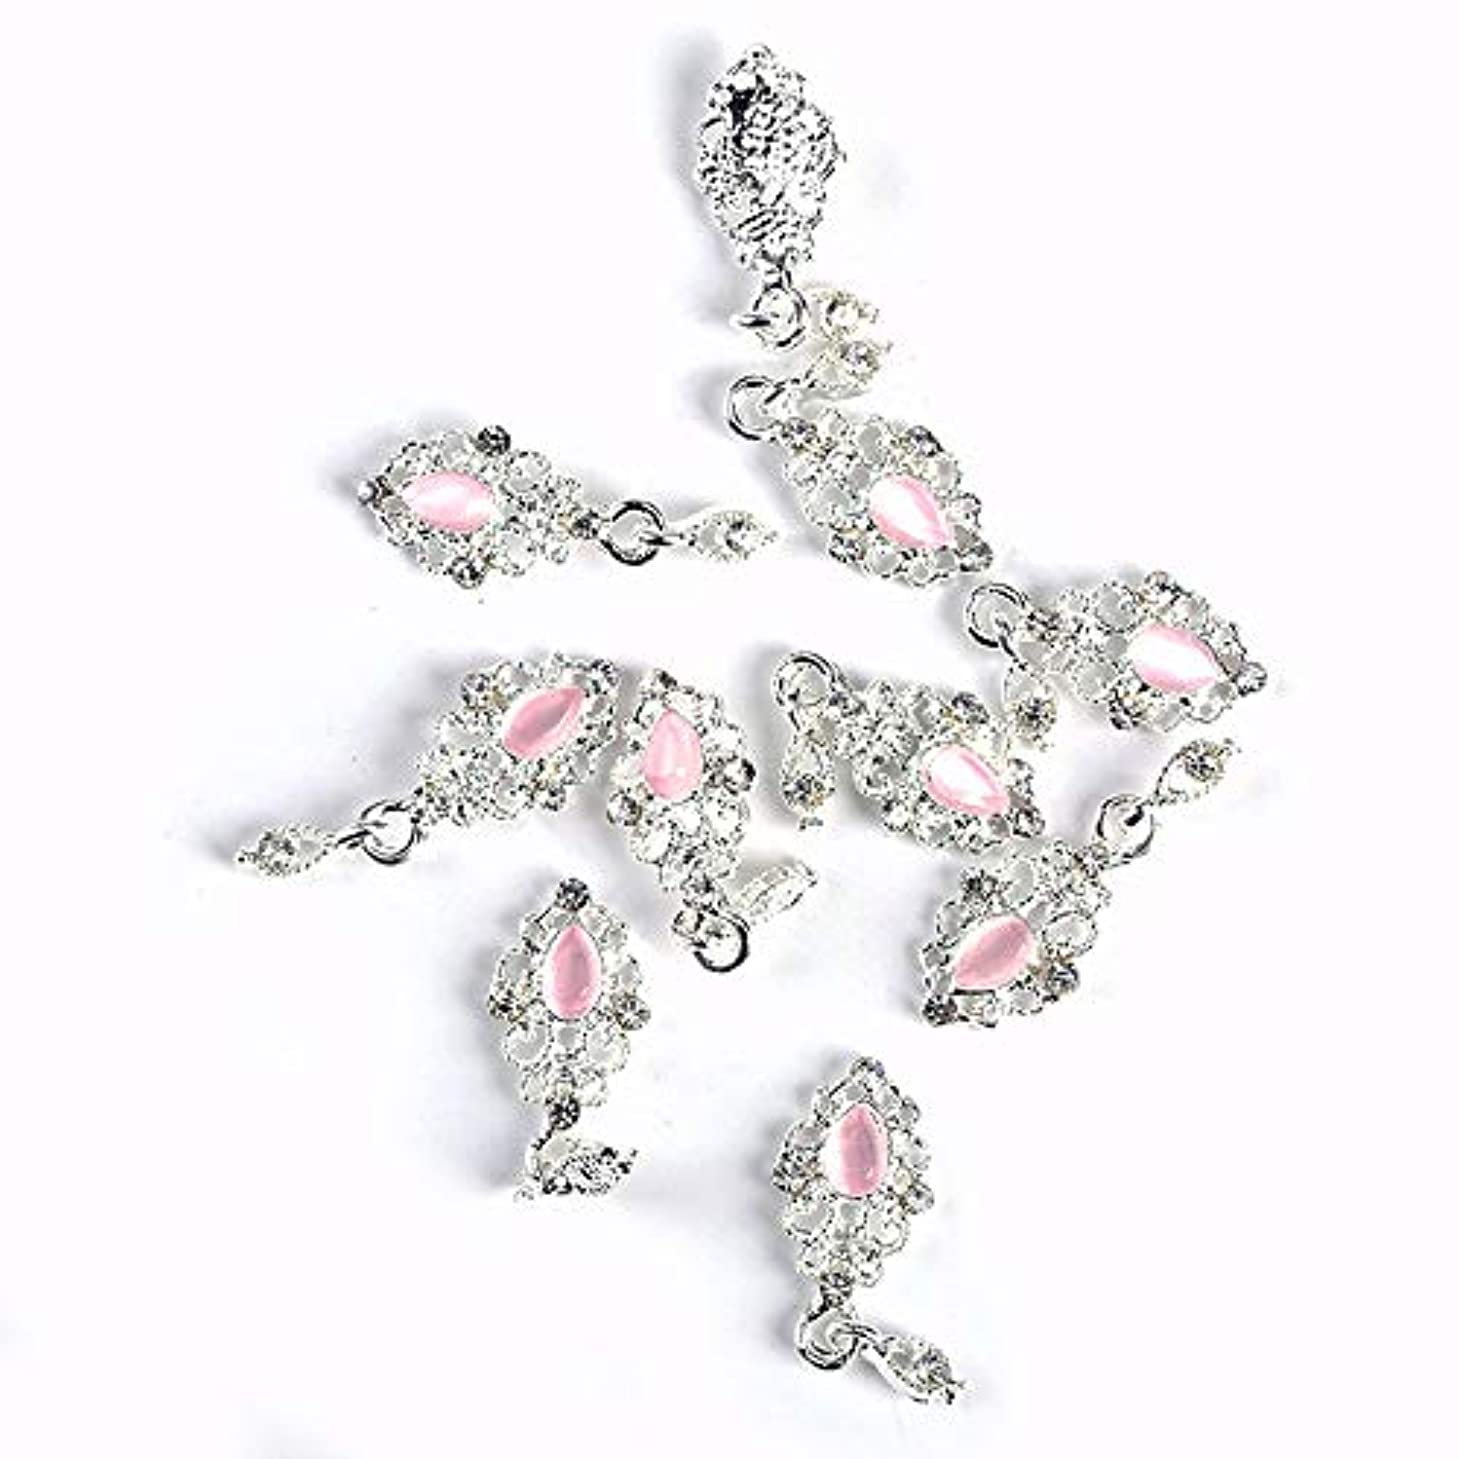 主張リース調停する10PCSの3D釘アクセサリーメタルシルバーネイルペンダントデザインモザイクピンクの宝石チャームは、アートの装飾DIYマニキュアネイル